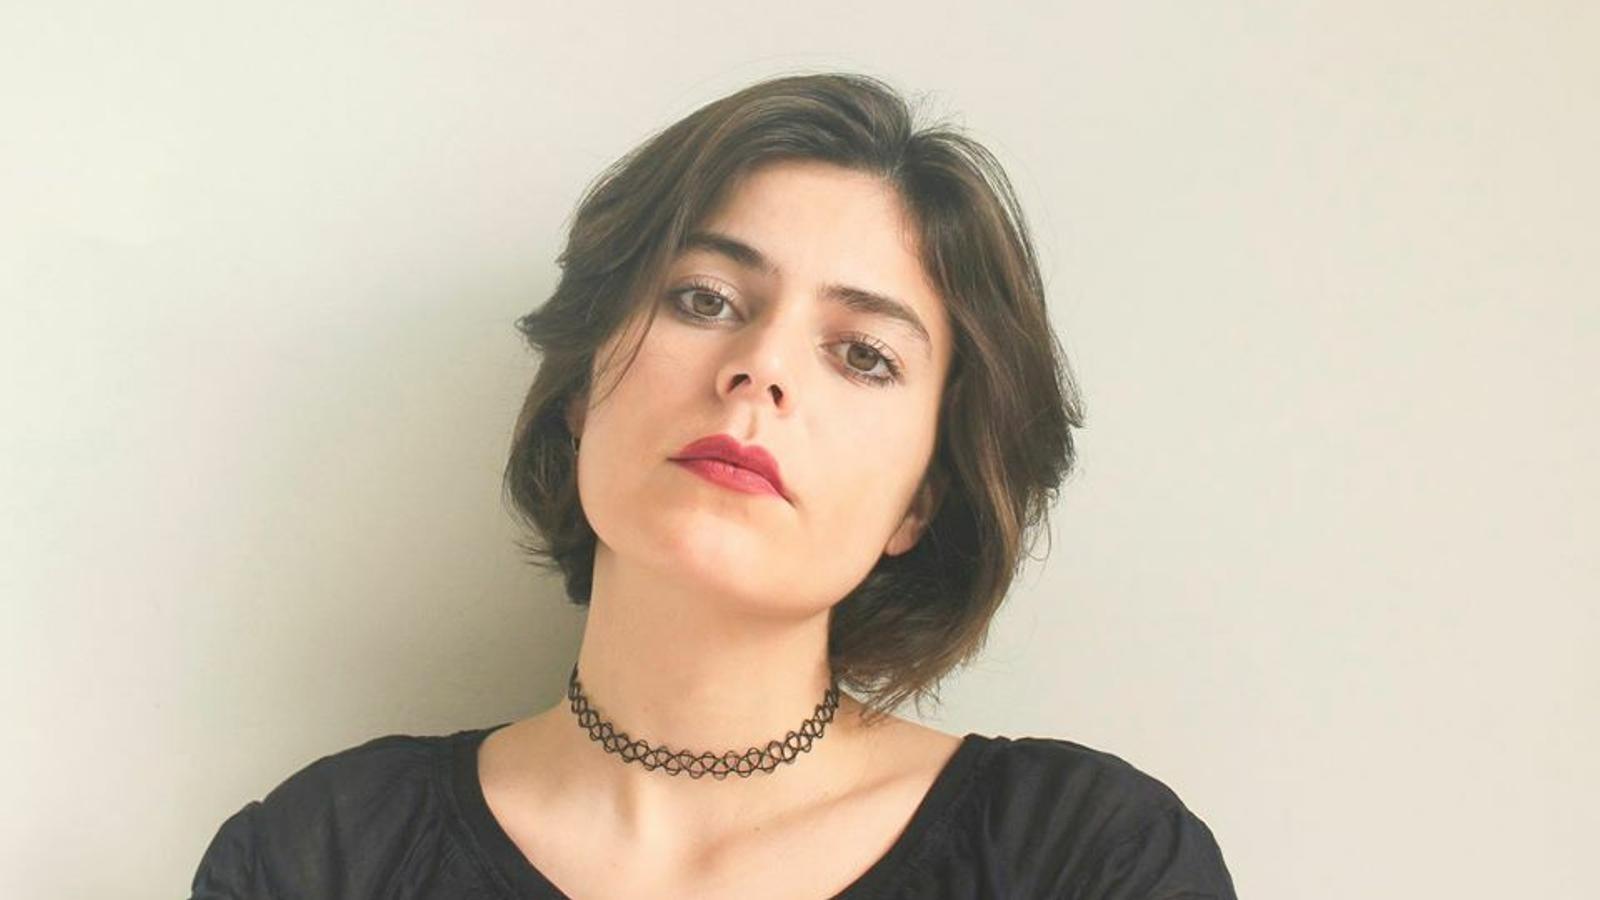 Carla M. Nyman